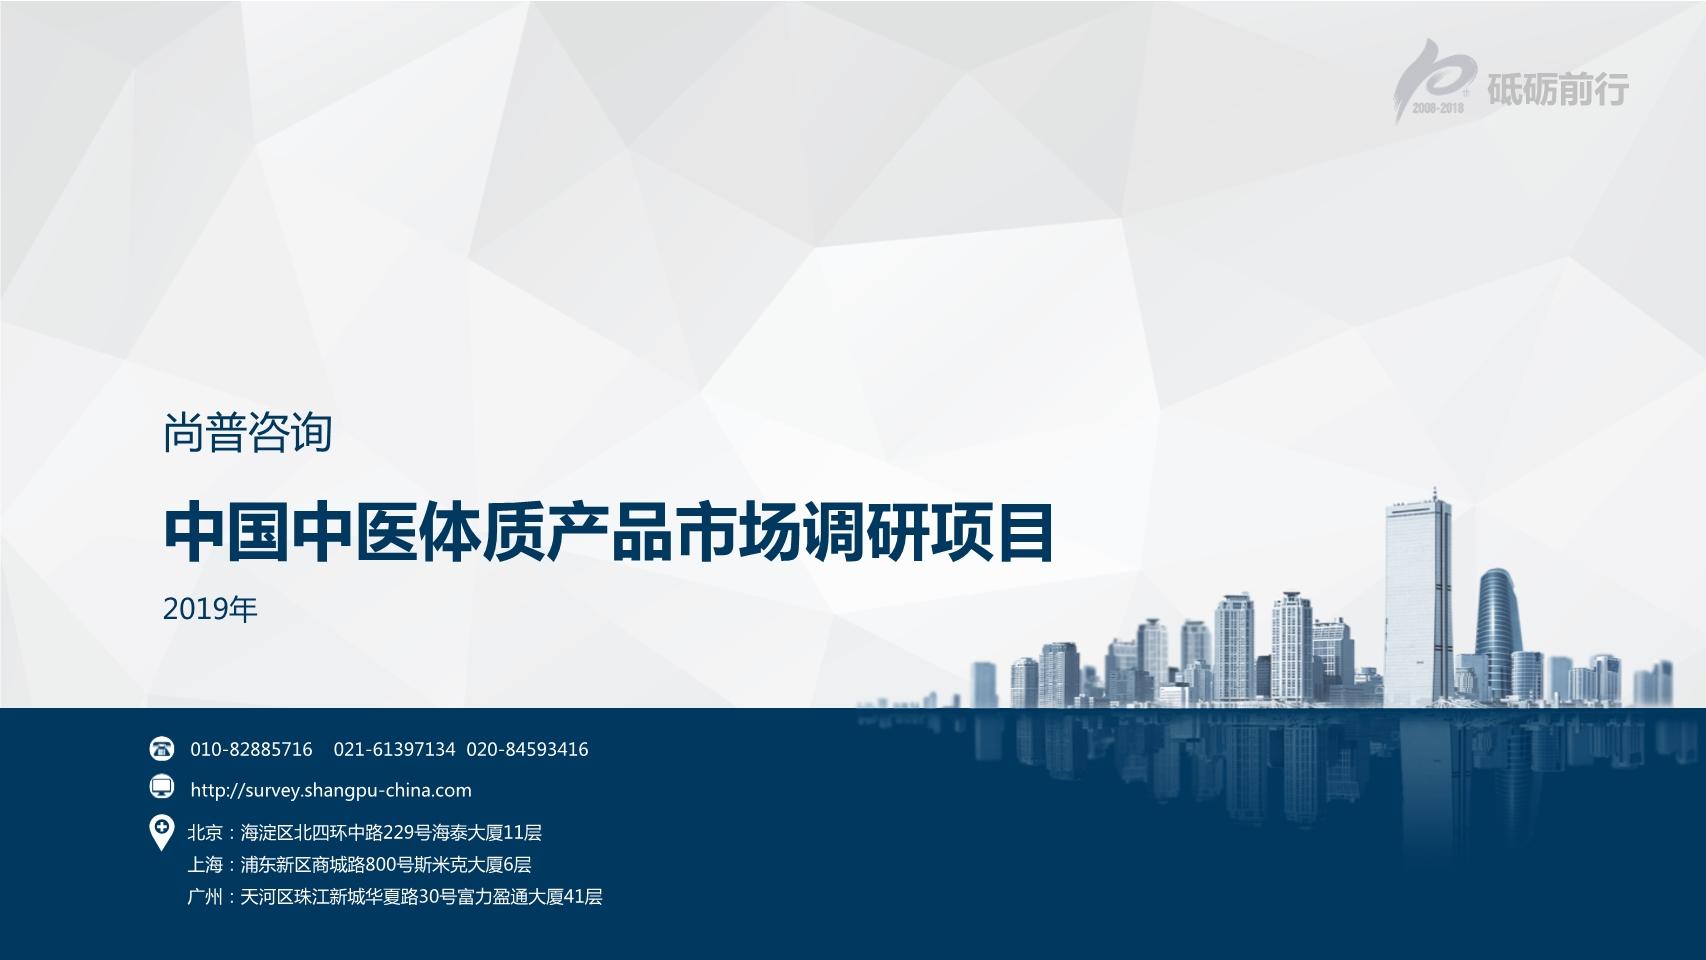 中国中医体质产品市场调研